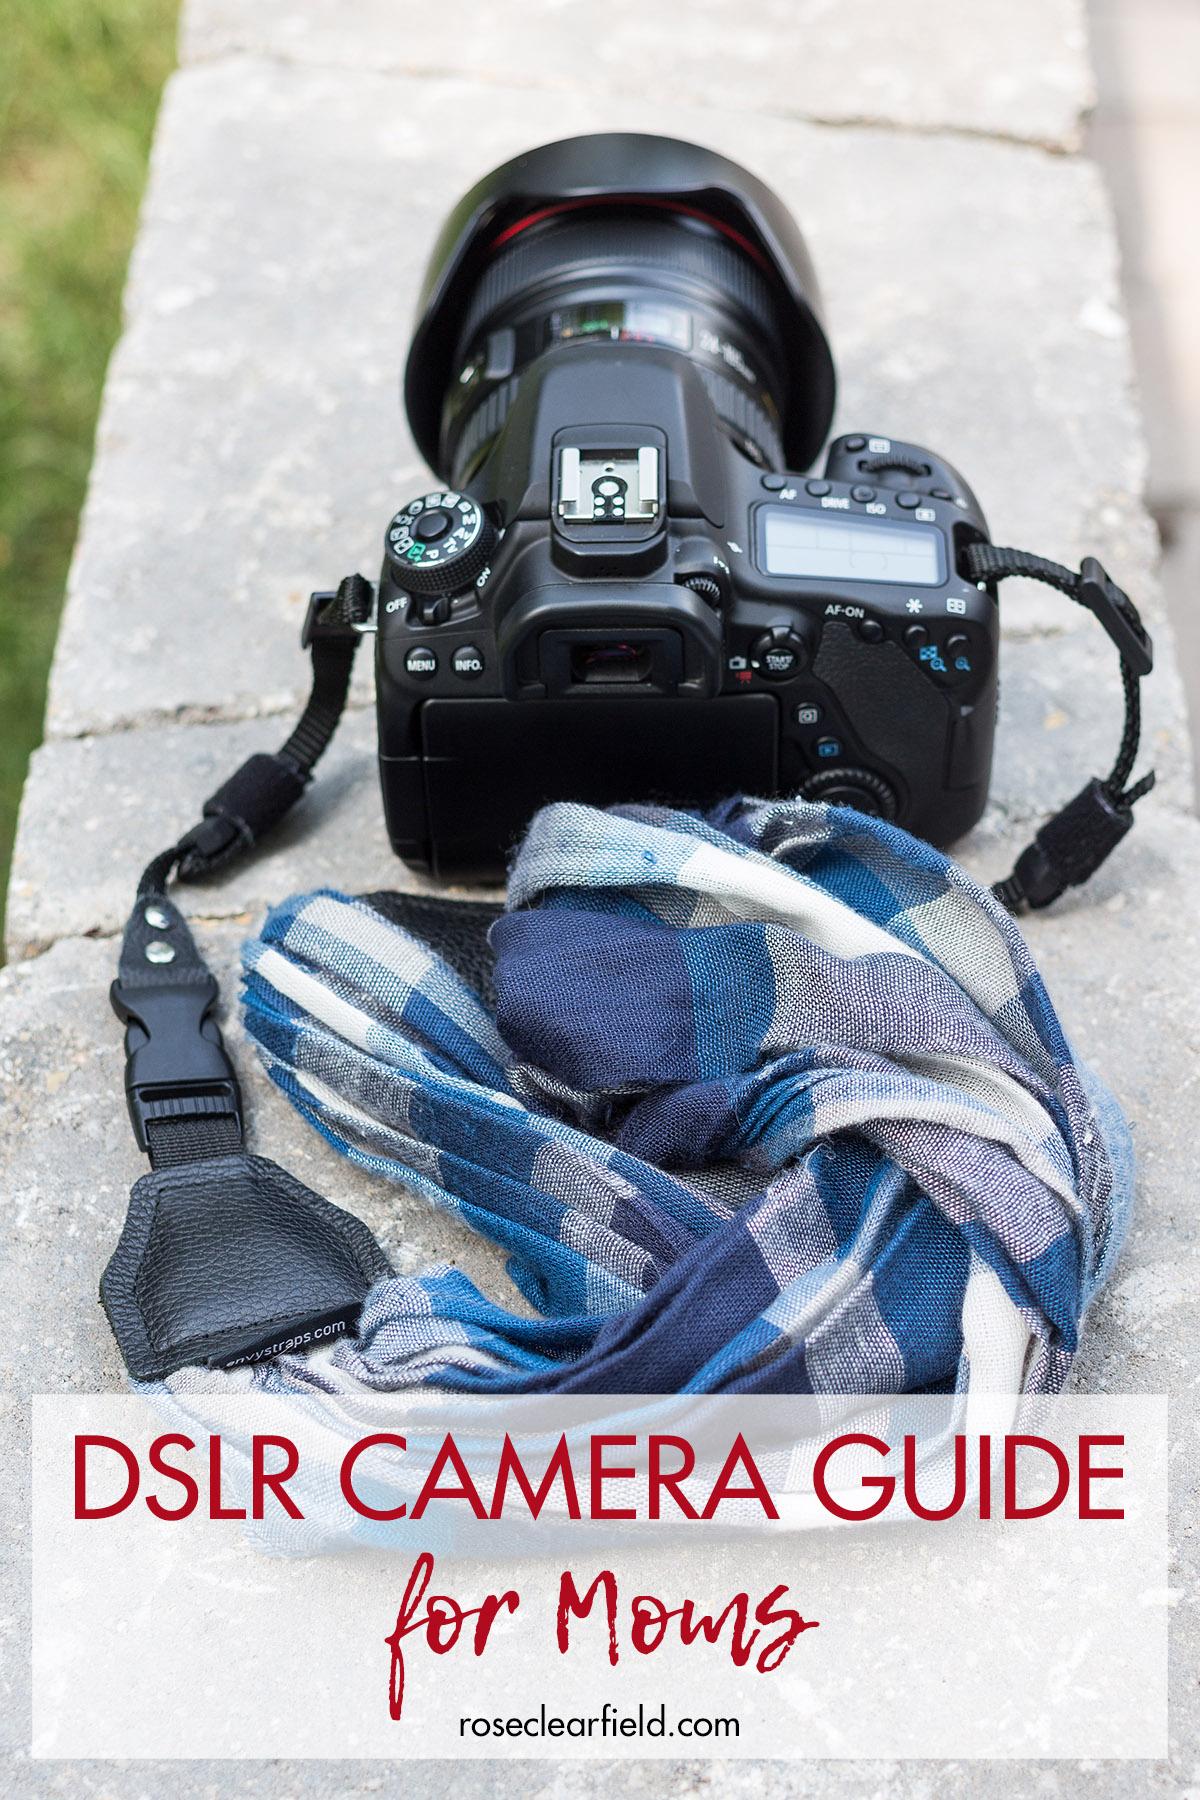 DSLR Camera Equipment Guide for Moms